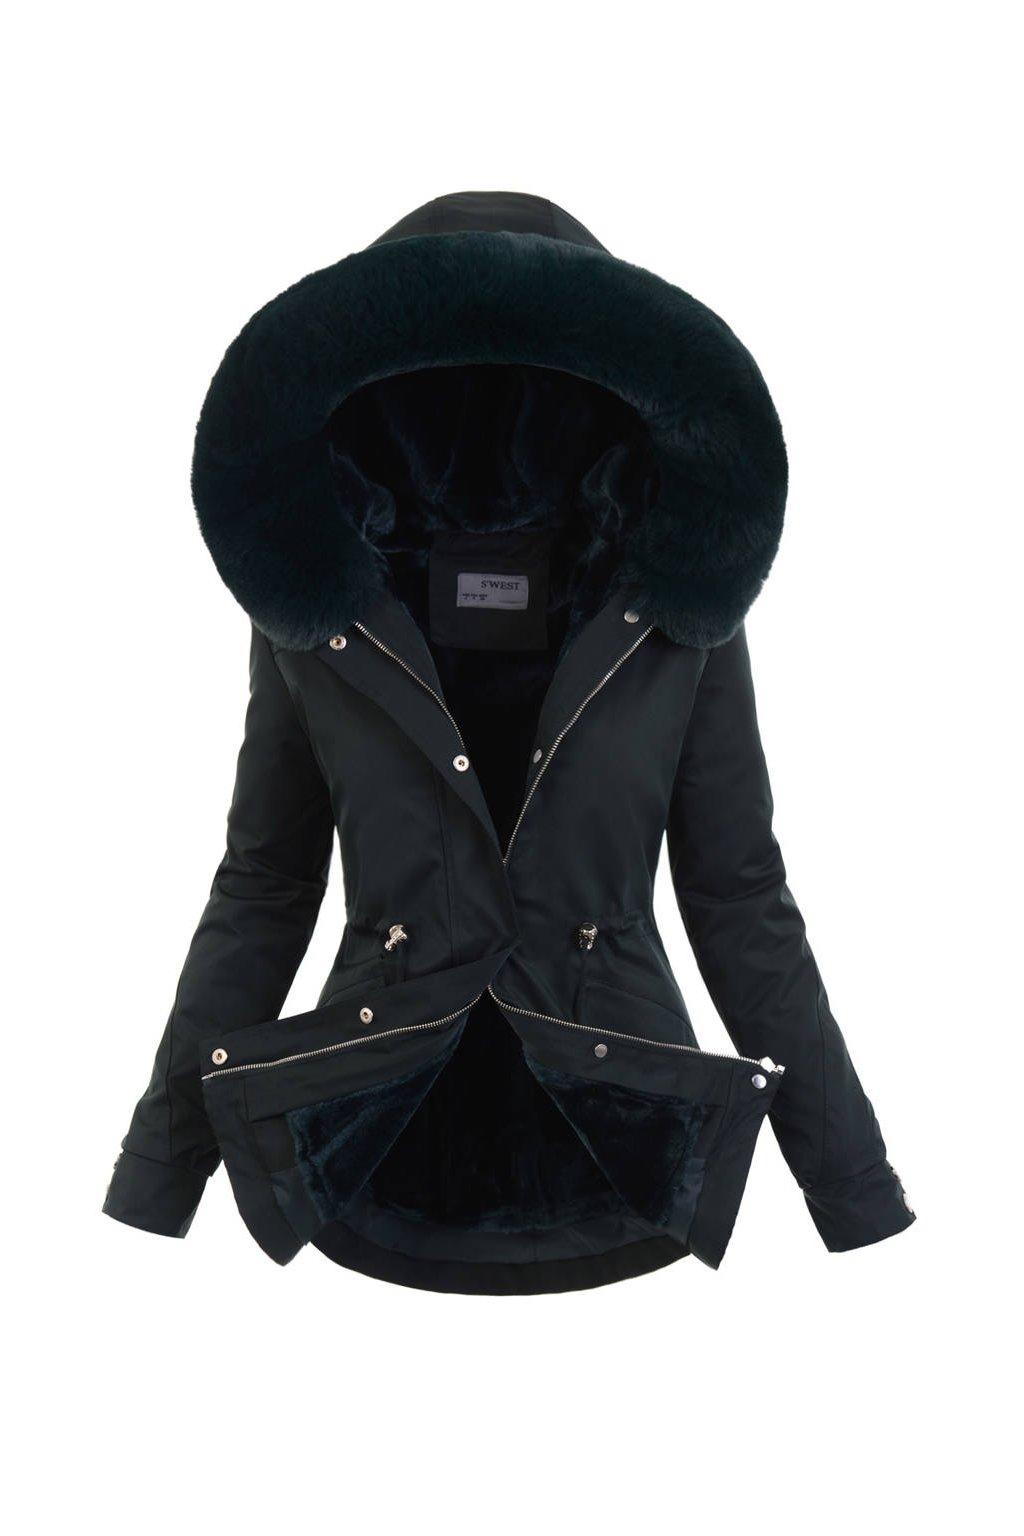 Dámska zimná bunda parka 2v1 6101 zelená